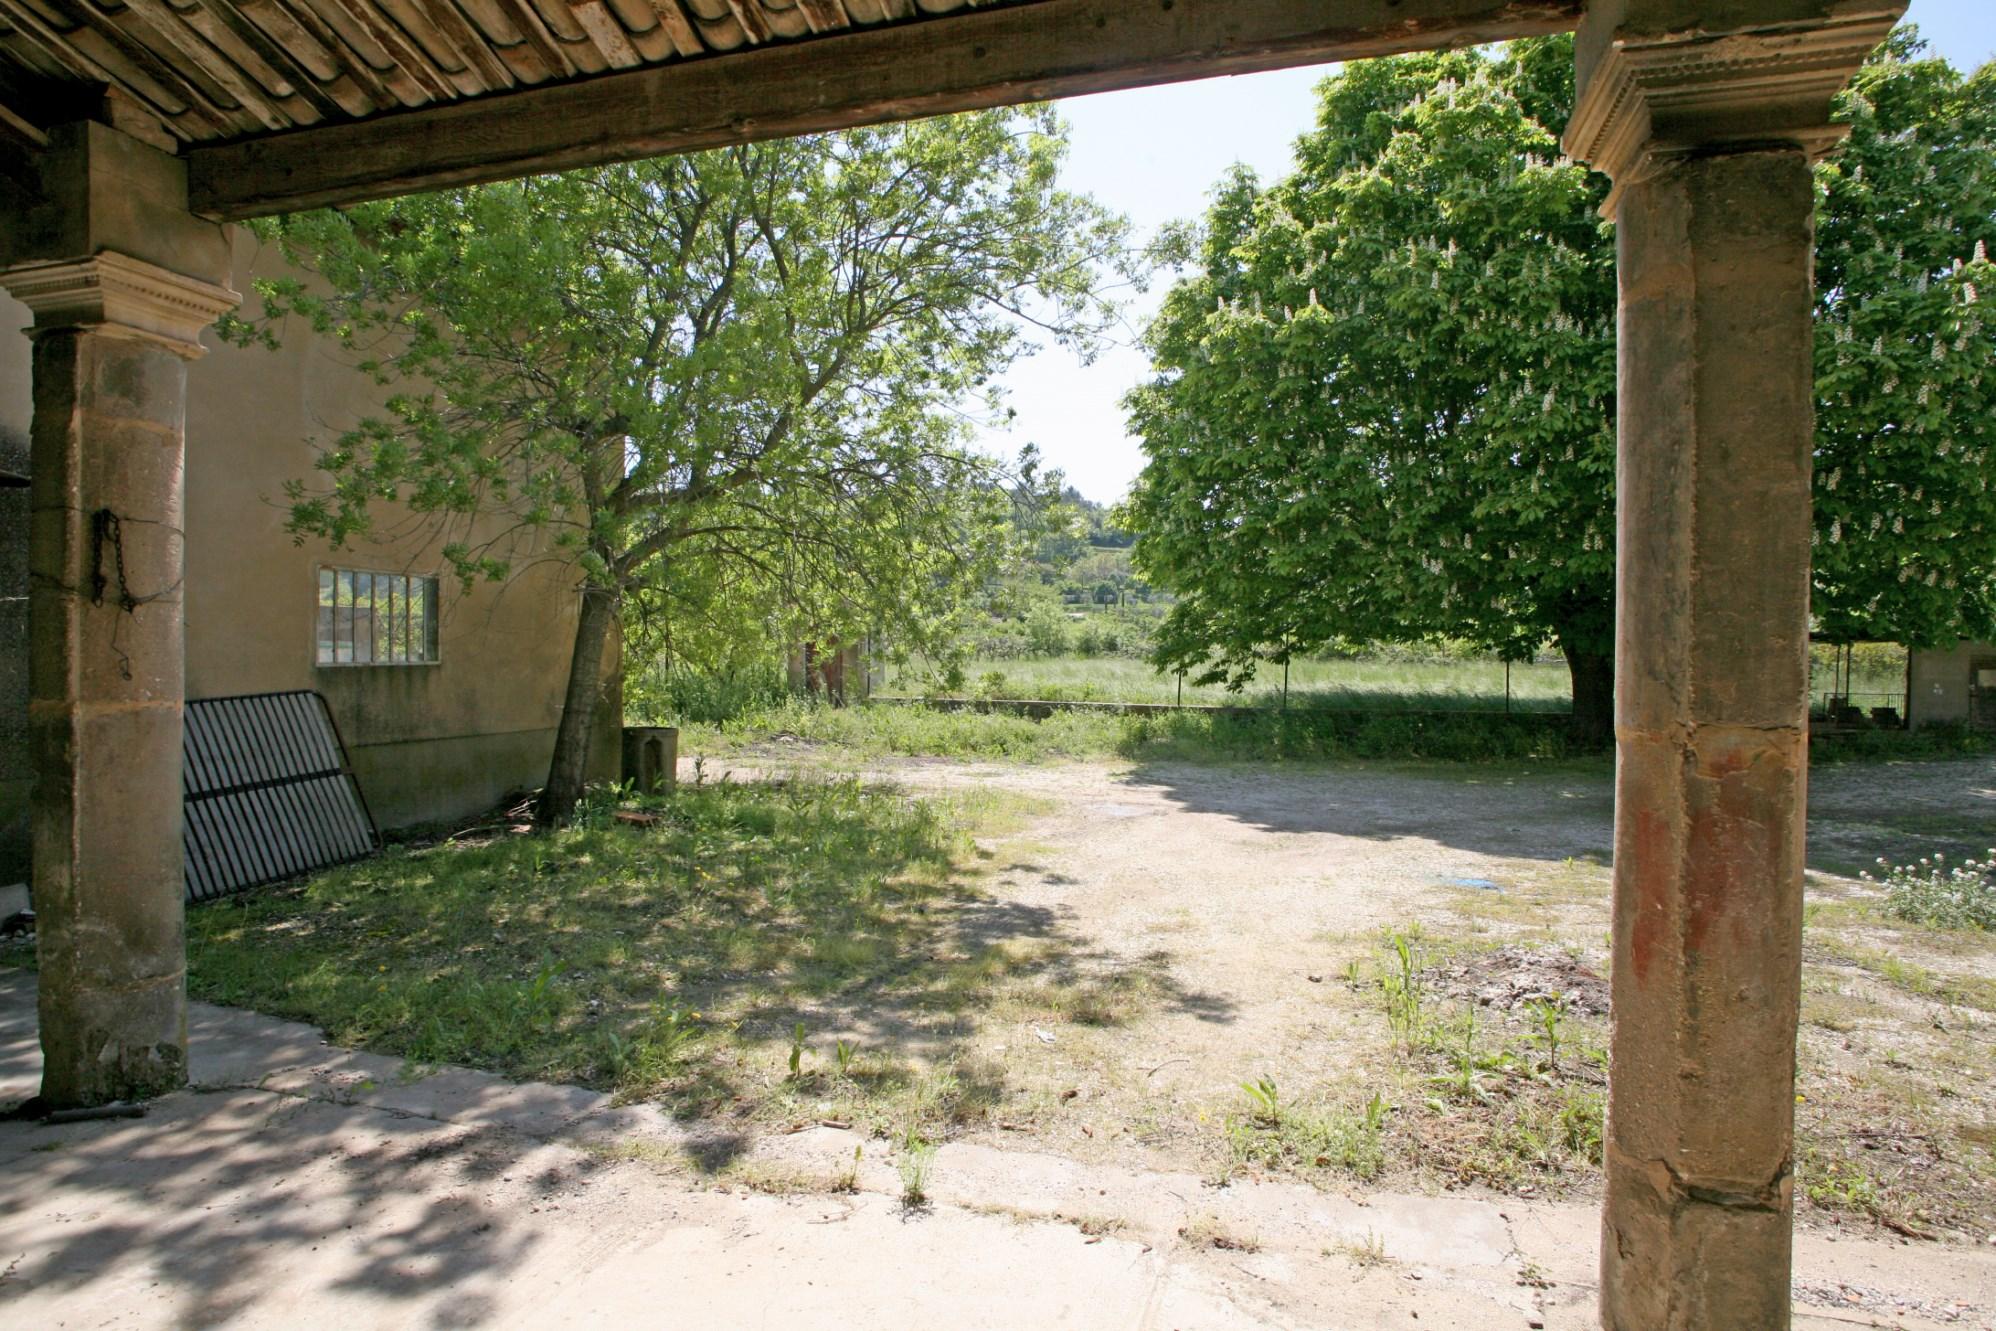 Luberon, à vendre, authentique mas, à restaurer, offrant de généreux volumes,  sur presque 3 hectares de terres.